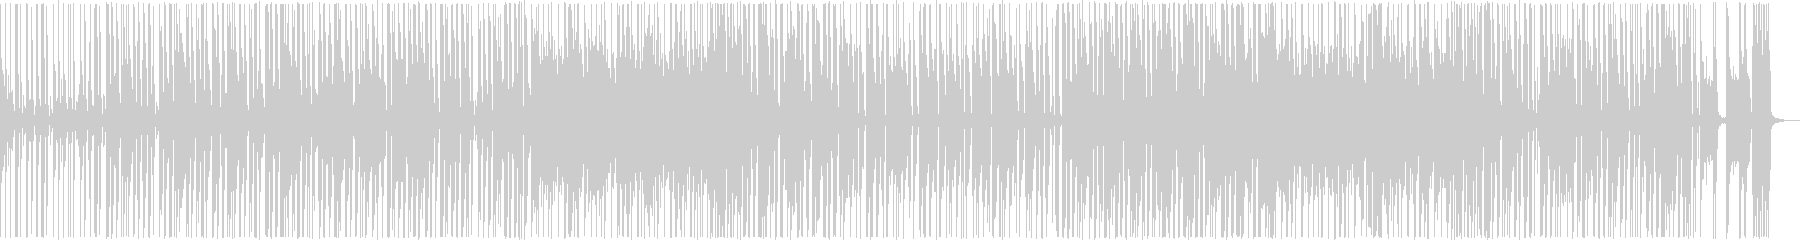 ファンキーなベースとギターのリフが...の未再生の波形